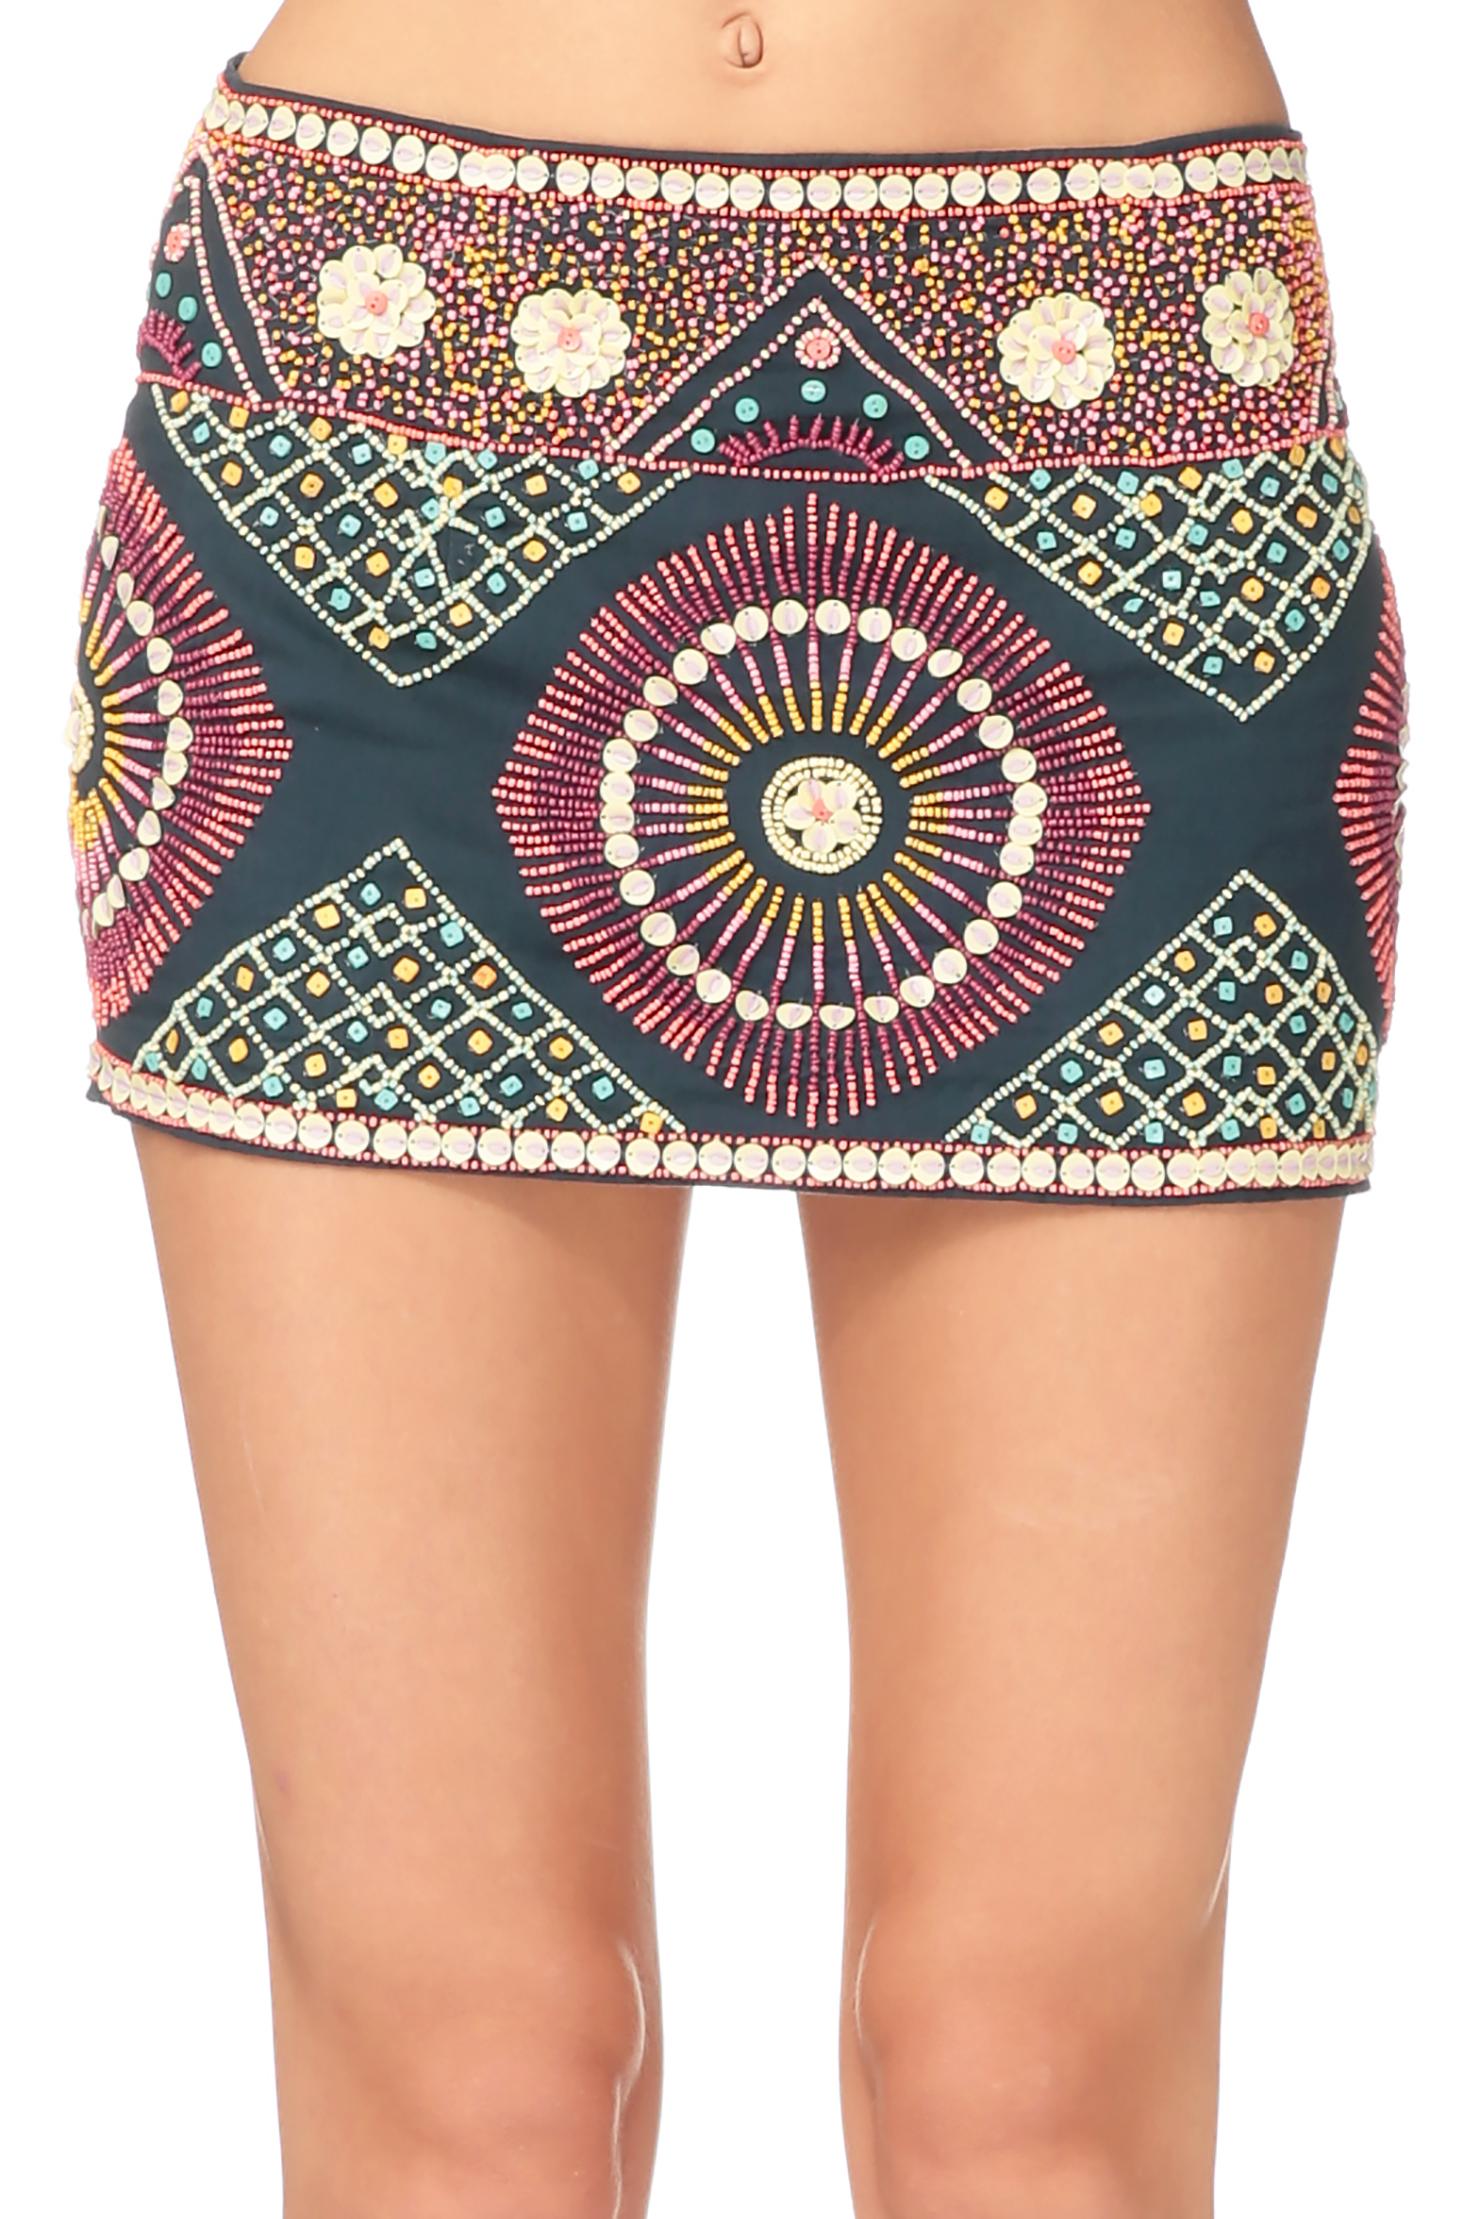 SKIRTS - Mini skirts Antik Batik Clearance Store For Sale 5L7WpycXQB